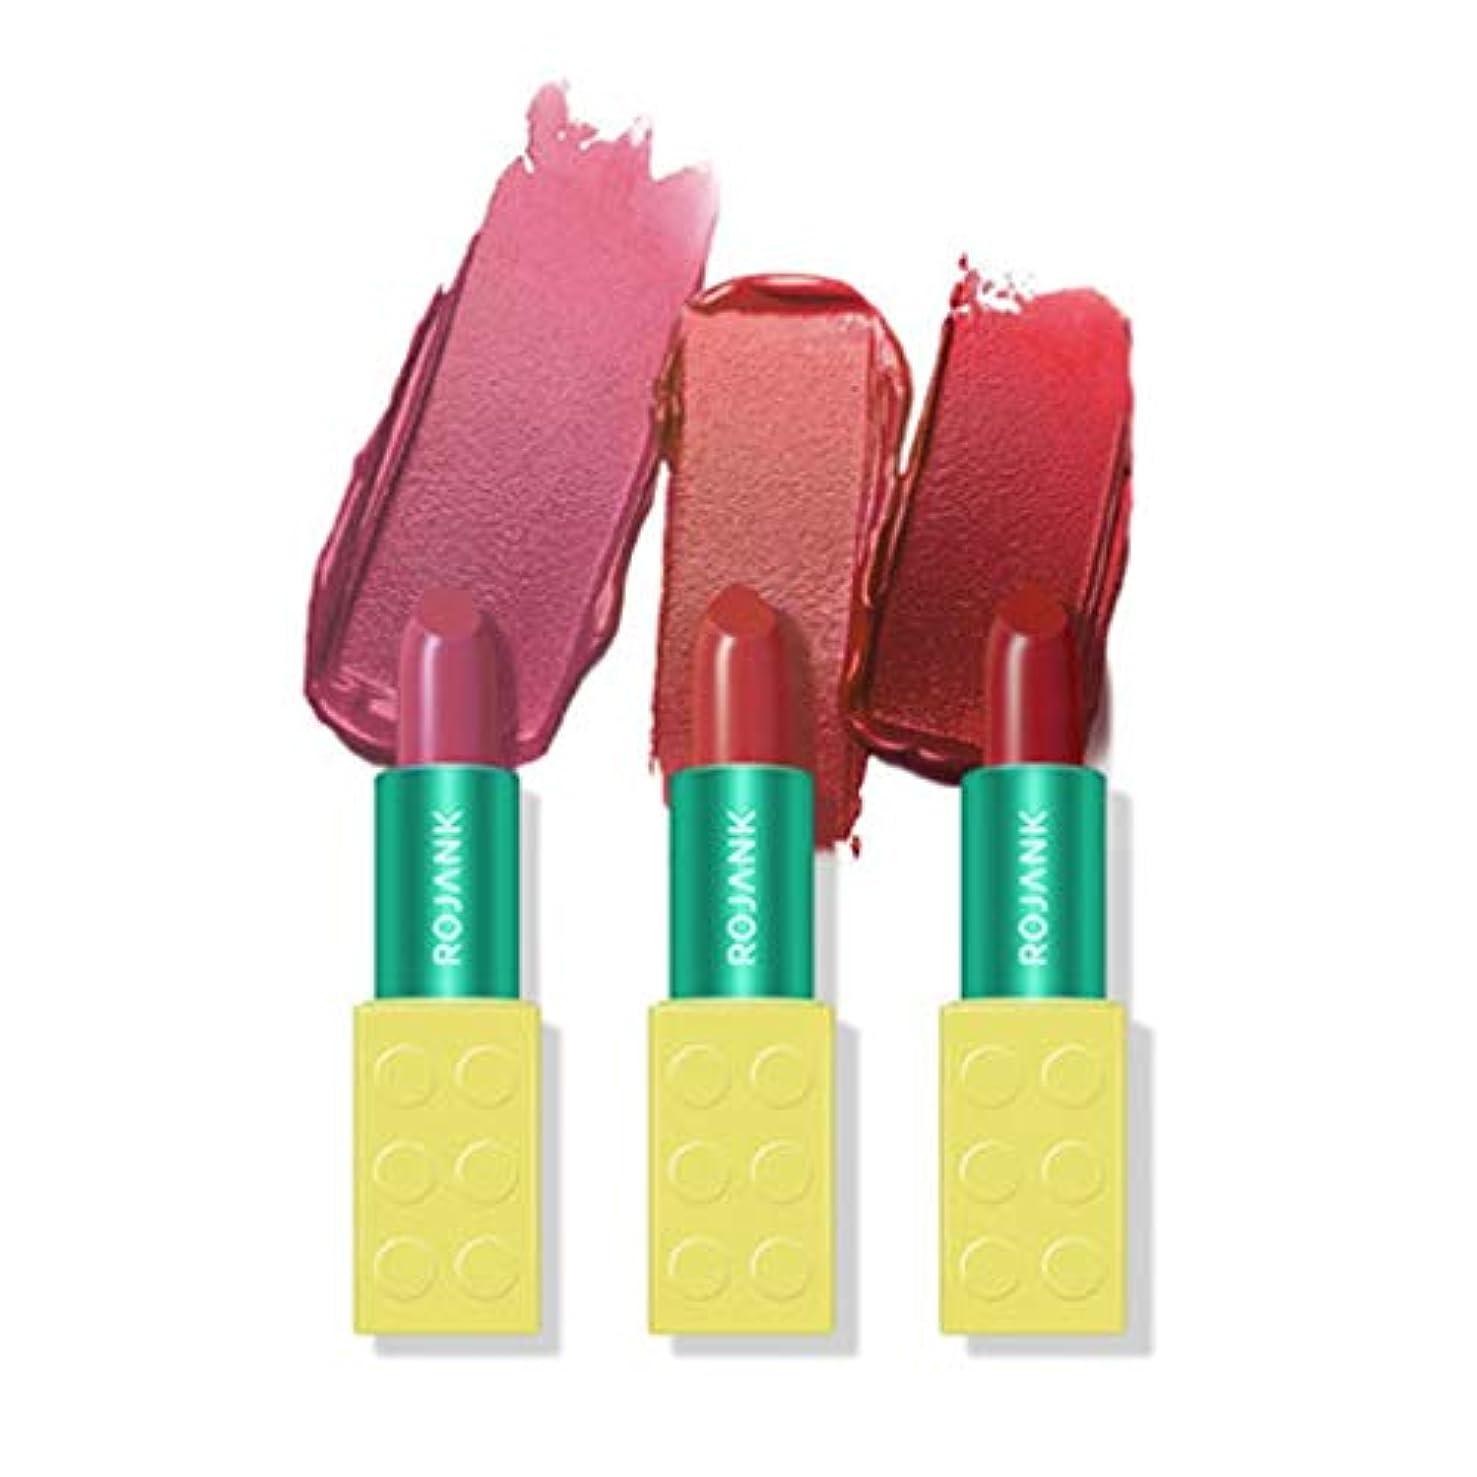 失礼急襲福祉[ROJANK/ルジャン] ROJANK MY Brick Lipstick/ルジャン マ イブリックリップスティック/Skingarden (1. STEFANI PINK)